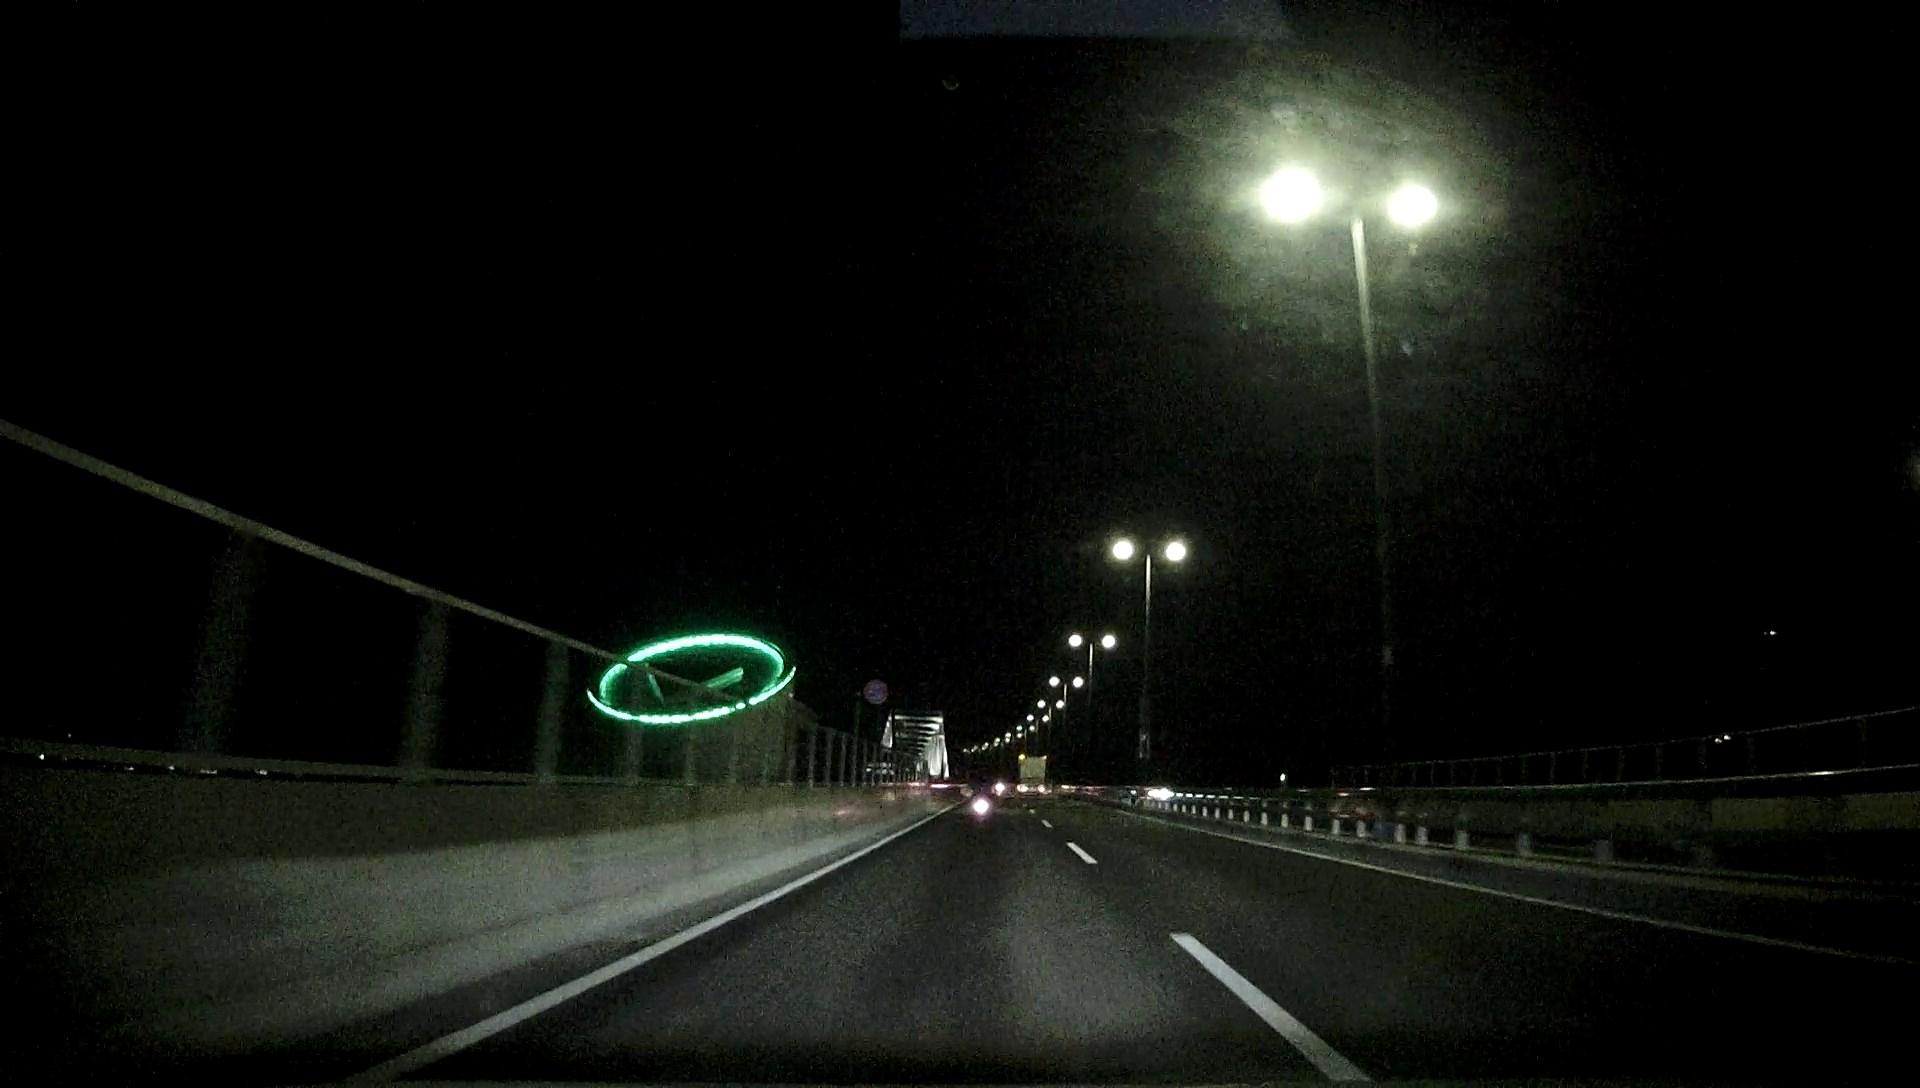 横浜・川崎から東京ゲートブリッジの行き方と夜景